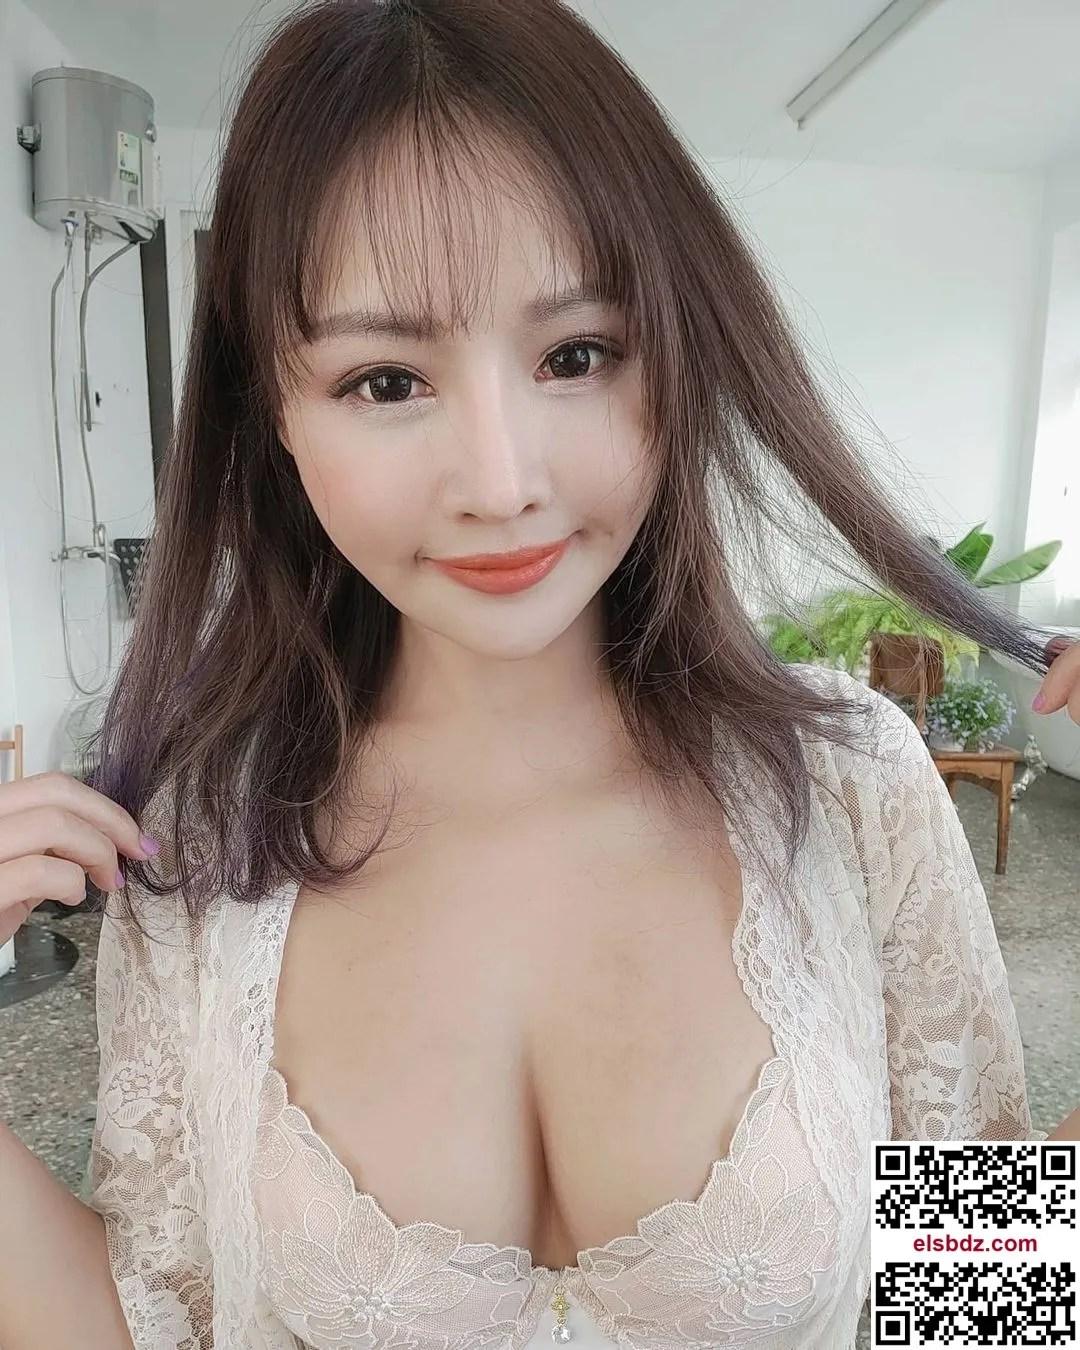 """Lei Yi """"发育成熟的美乳"""" 粉丝看了忍不住大赞插图(2)"""